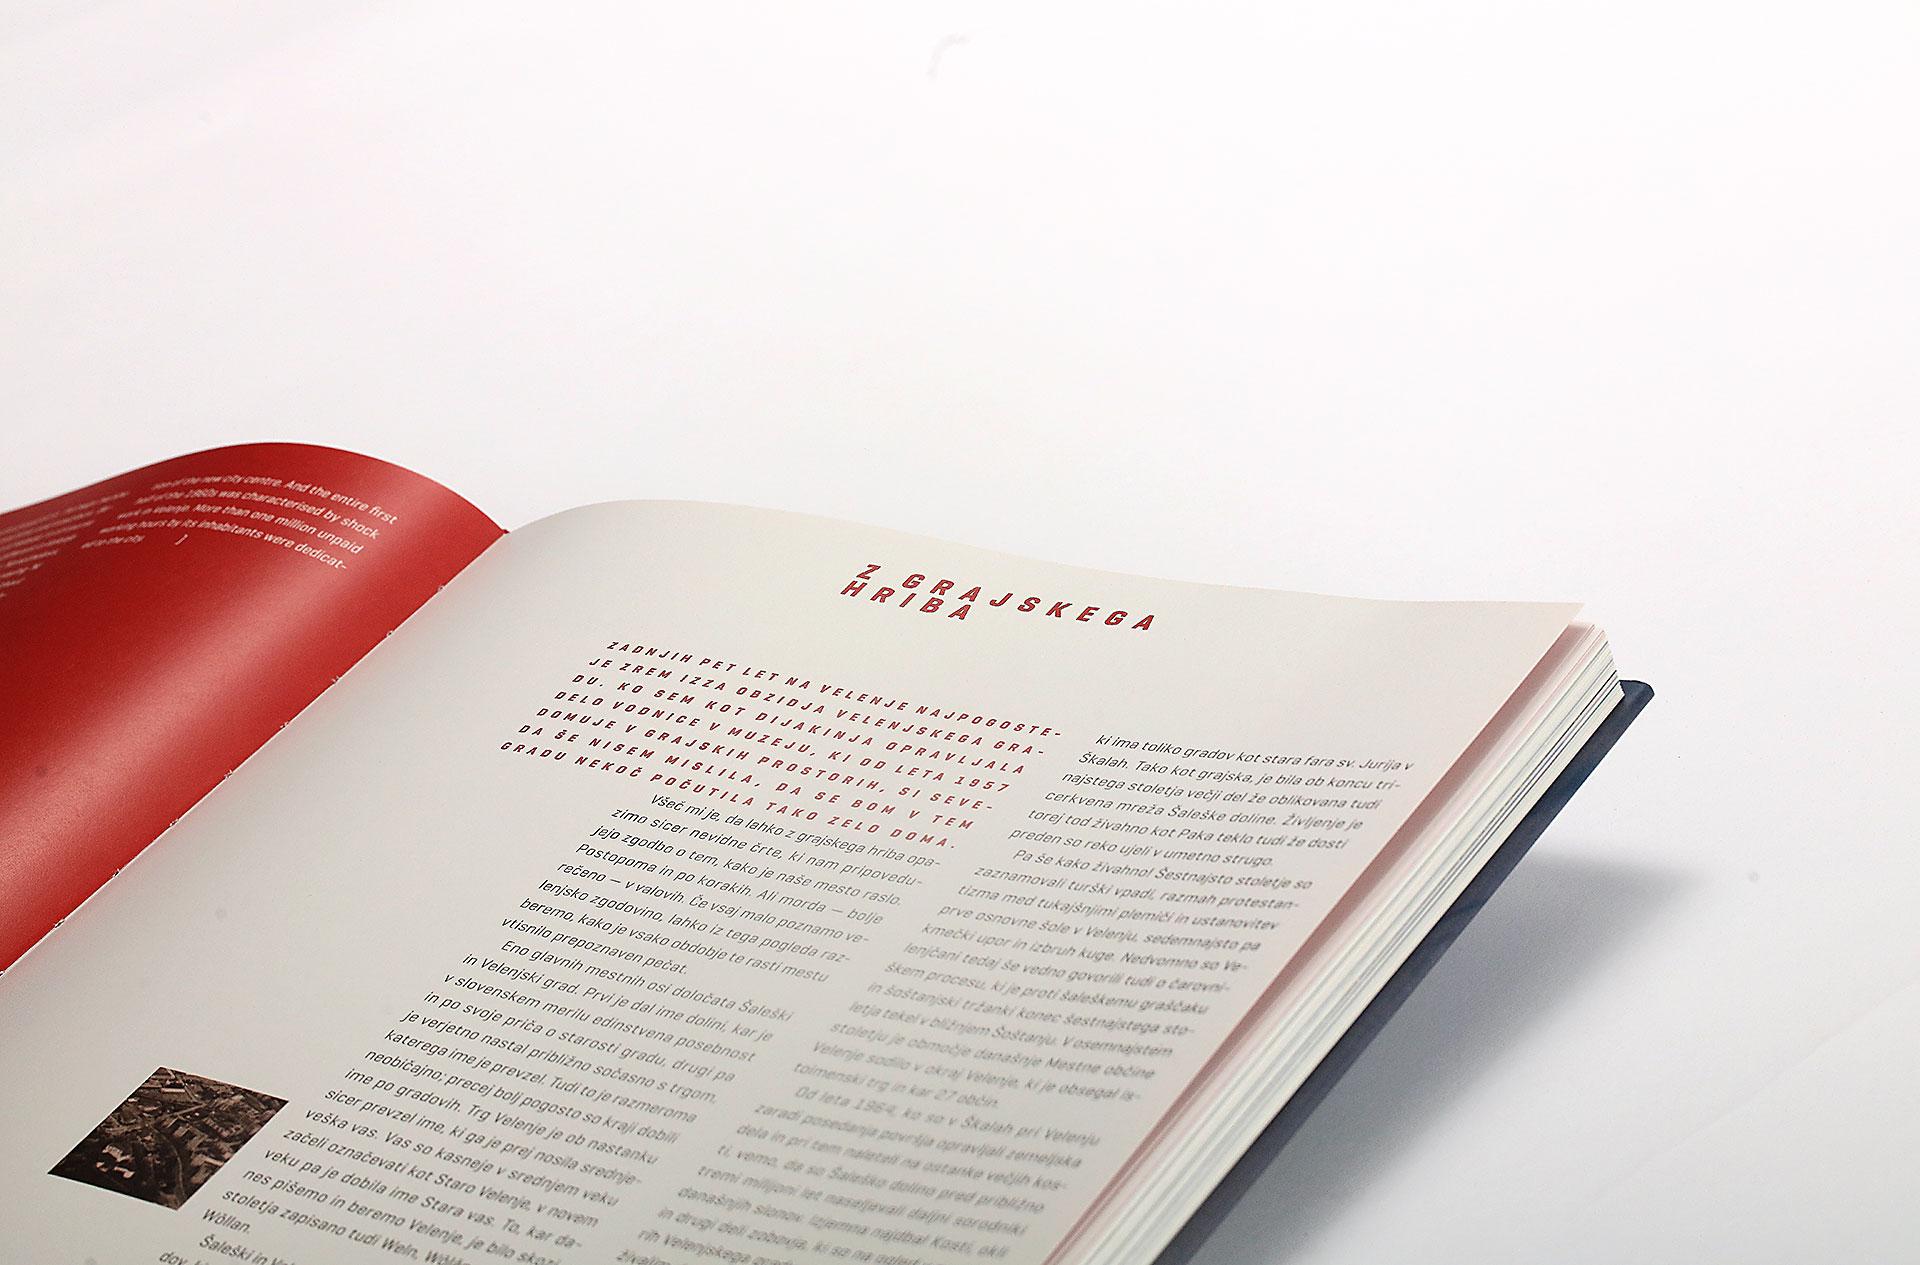 knjiga_velenje_marko_marinsek_ma-ma-studio_12